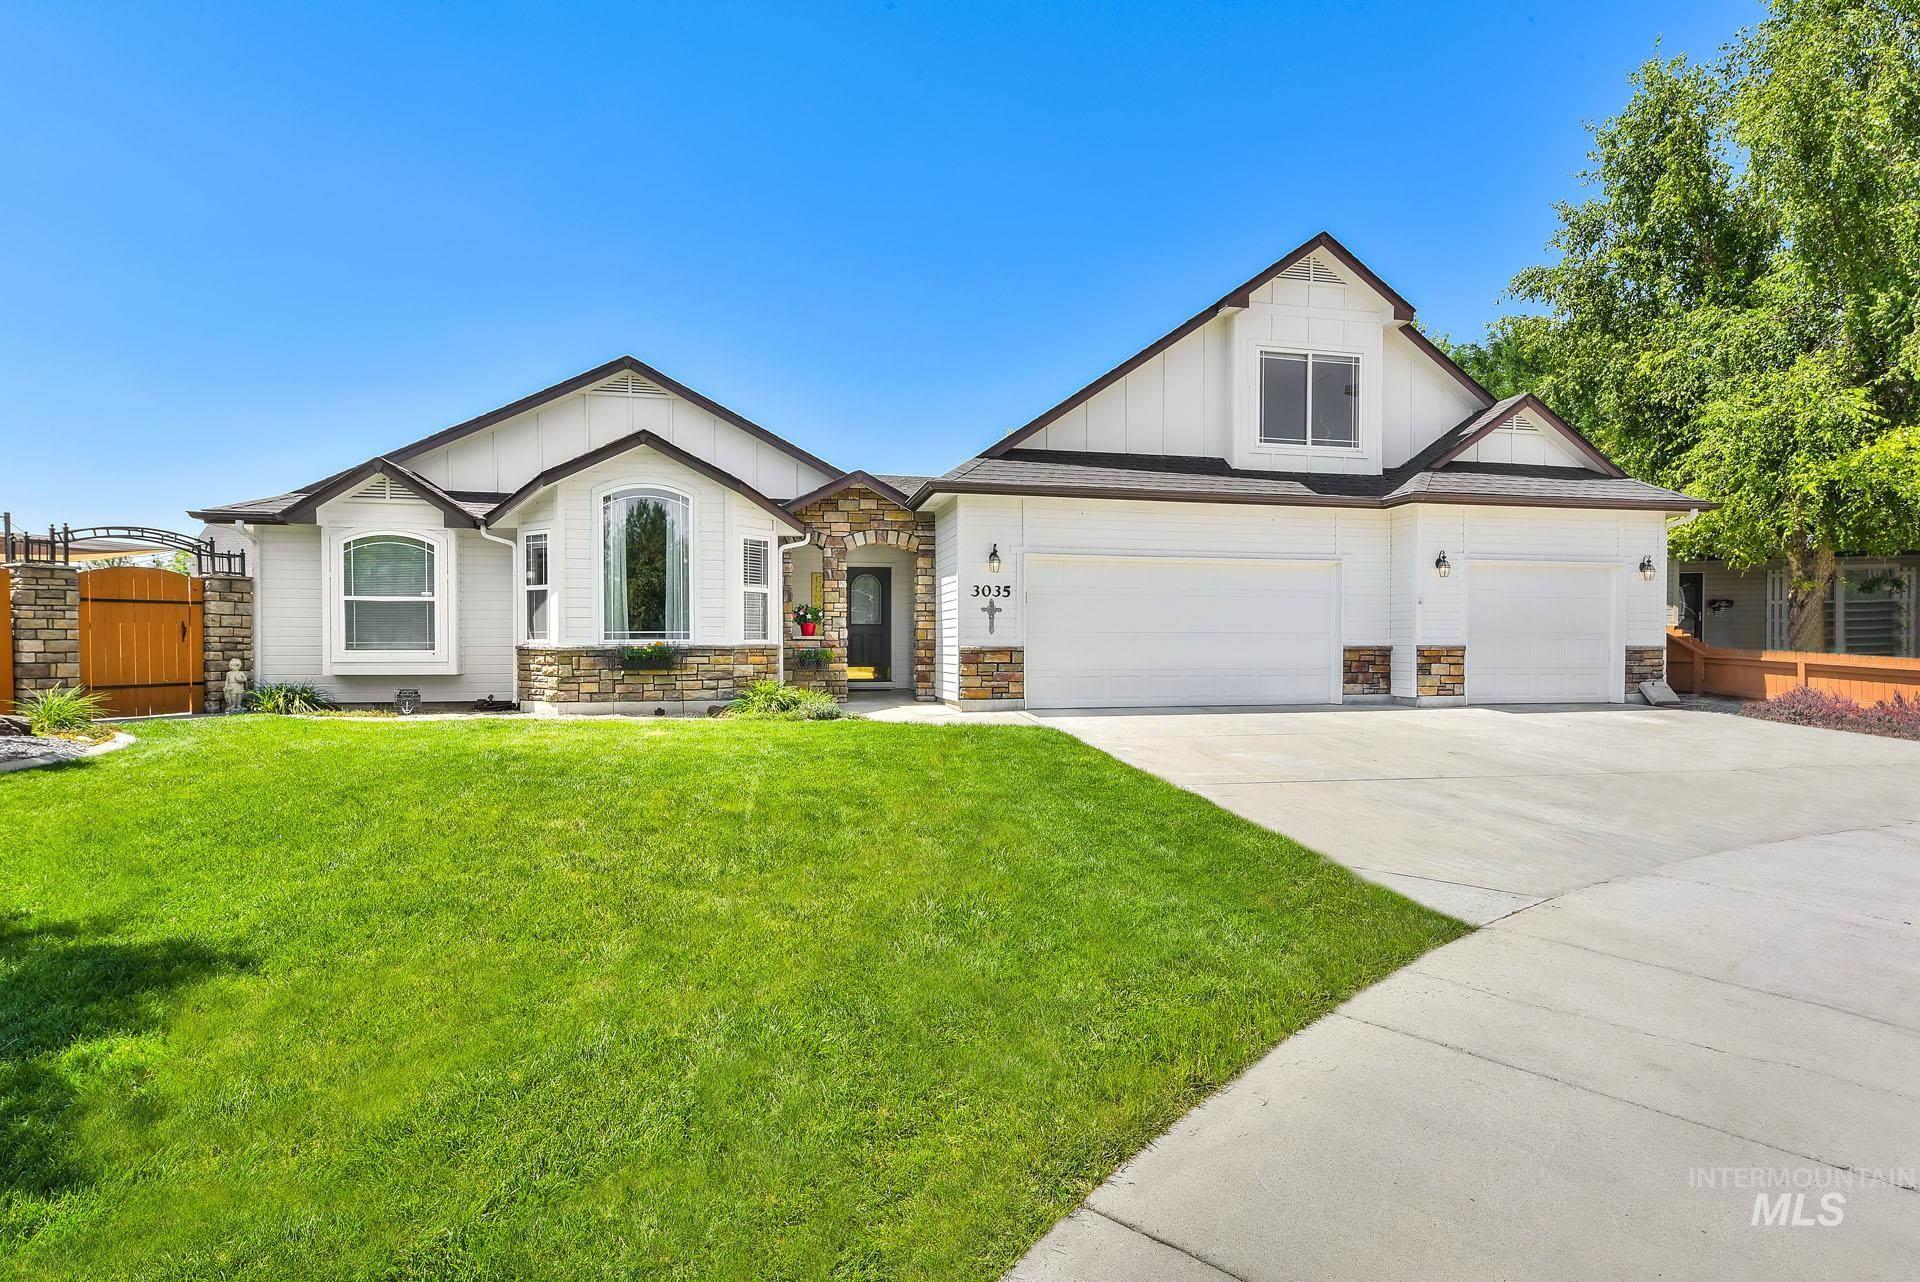 3035 N Adale Property Photo